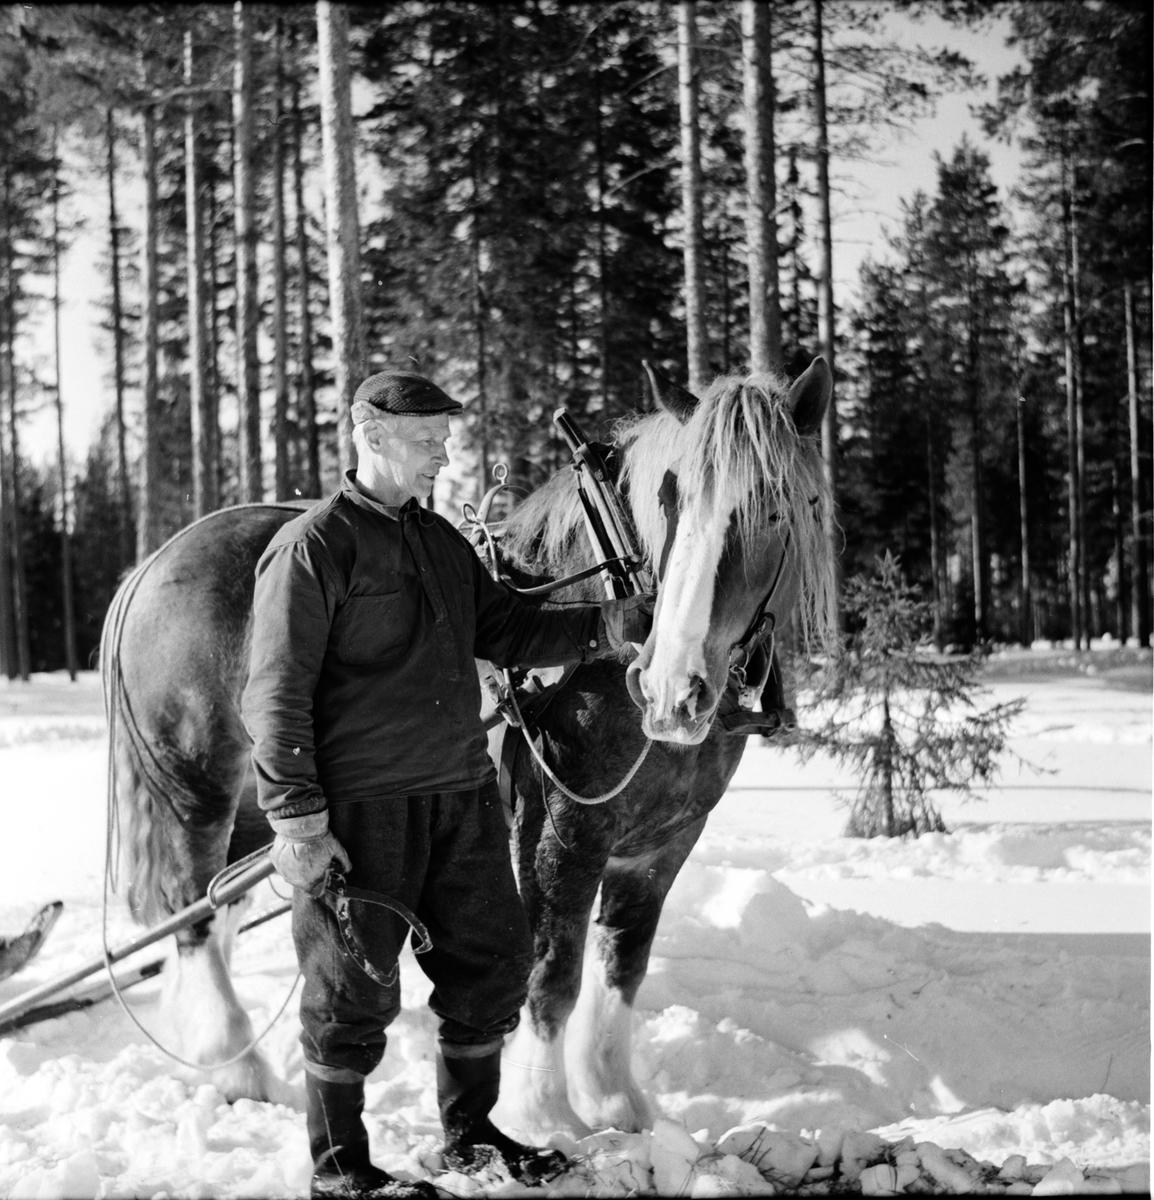 Arbrå, Hästen behövs i skogen, Bosjön, Mars 1969